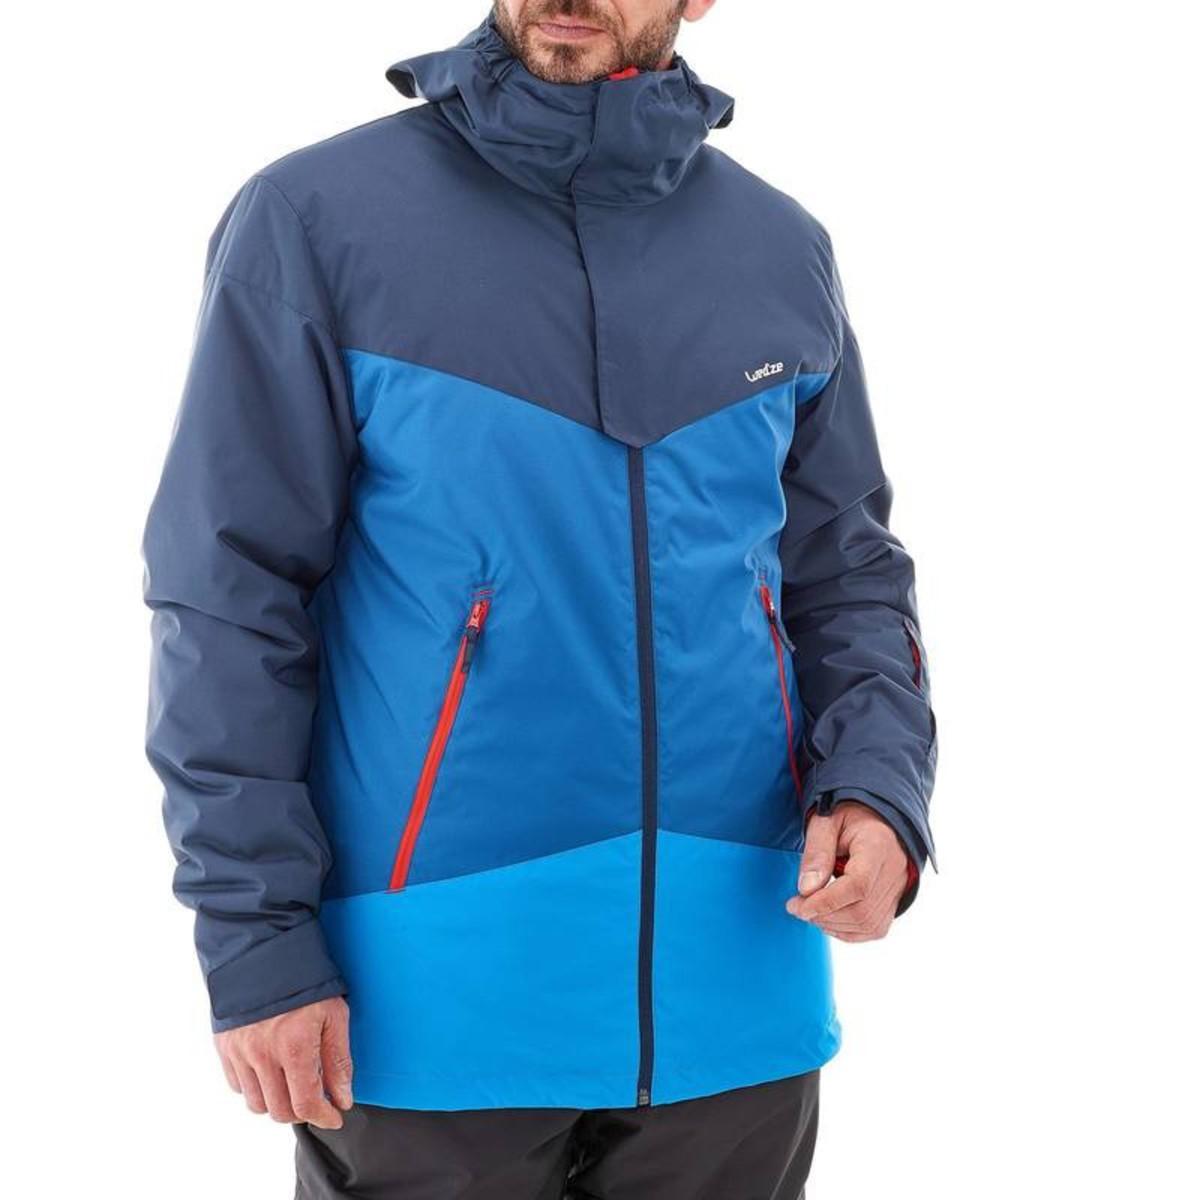 Bild 5 von WED´ZE Skijacke Slide 300 Herren blau, Größe: S